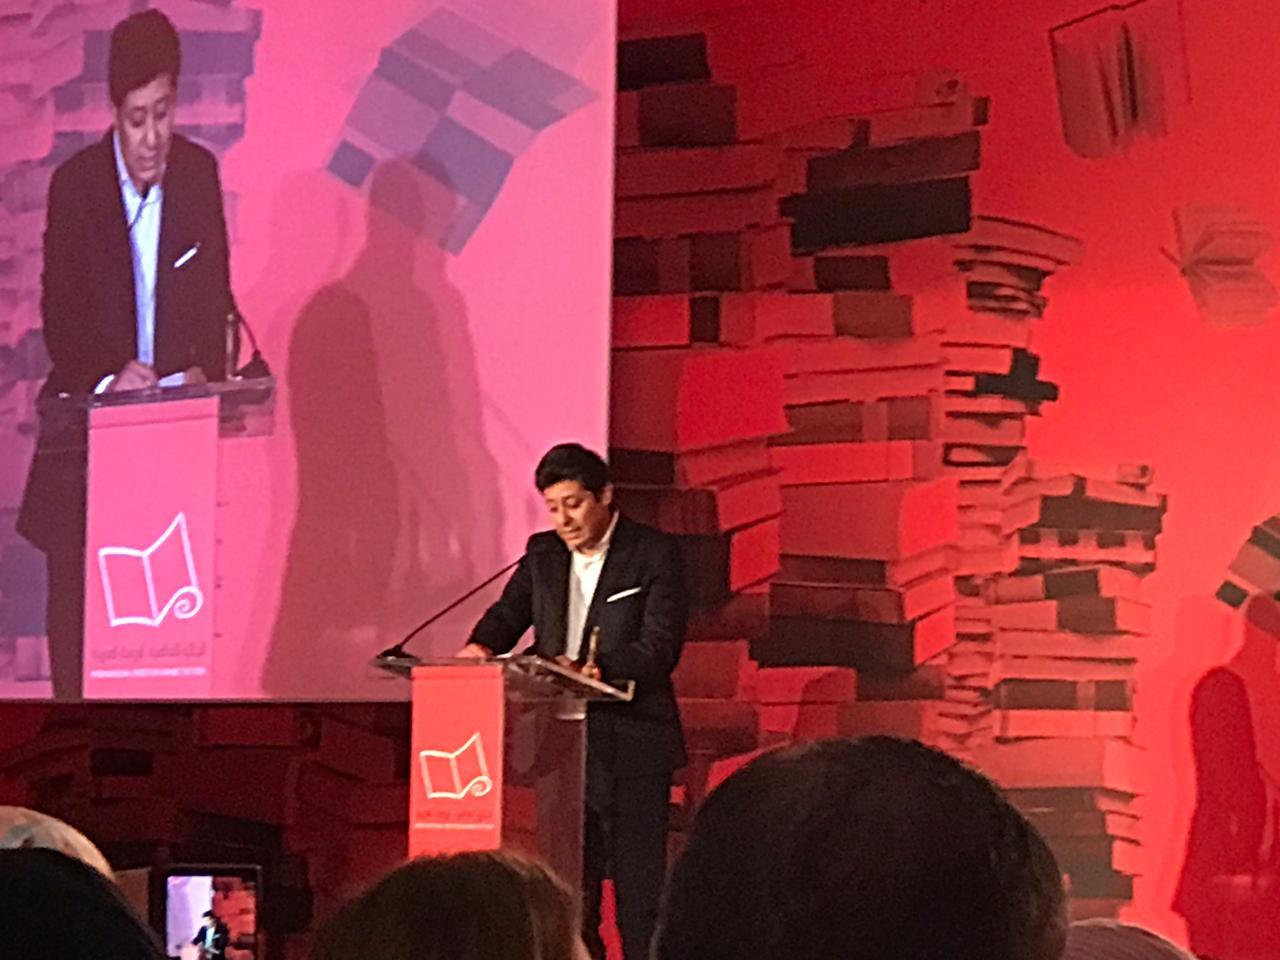 حفل إعلان الرواية الفائزة جائزة البوكر 2019 للرواية العربية (4)